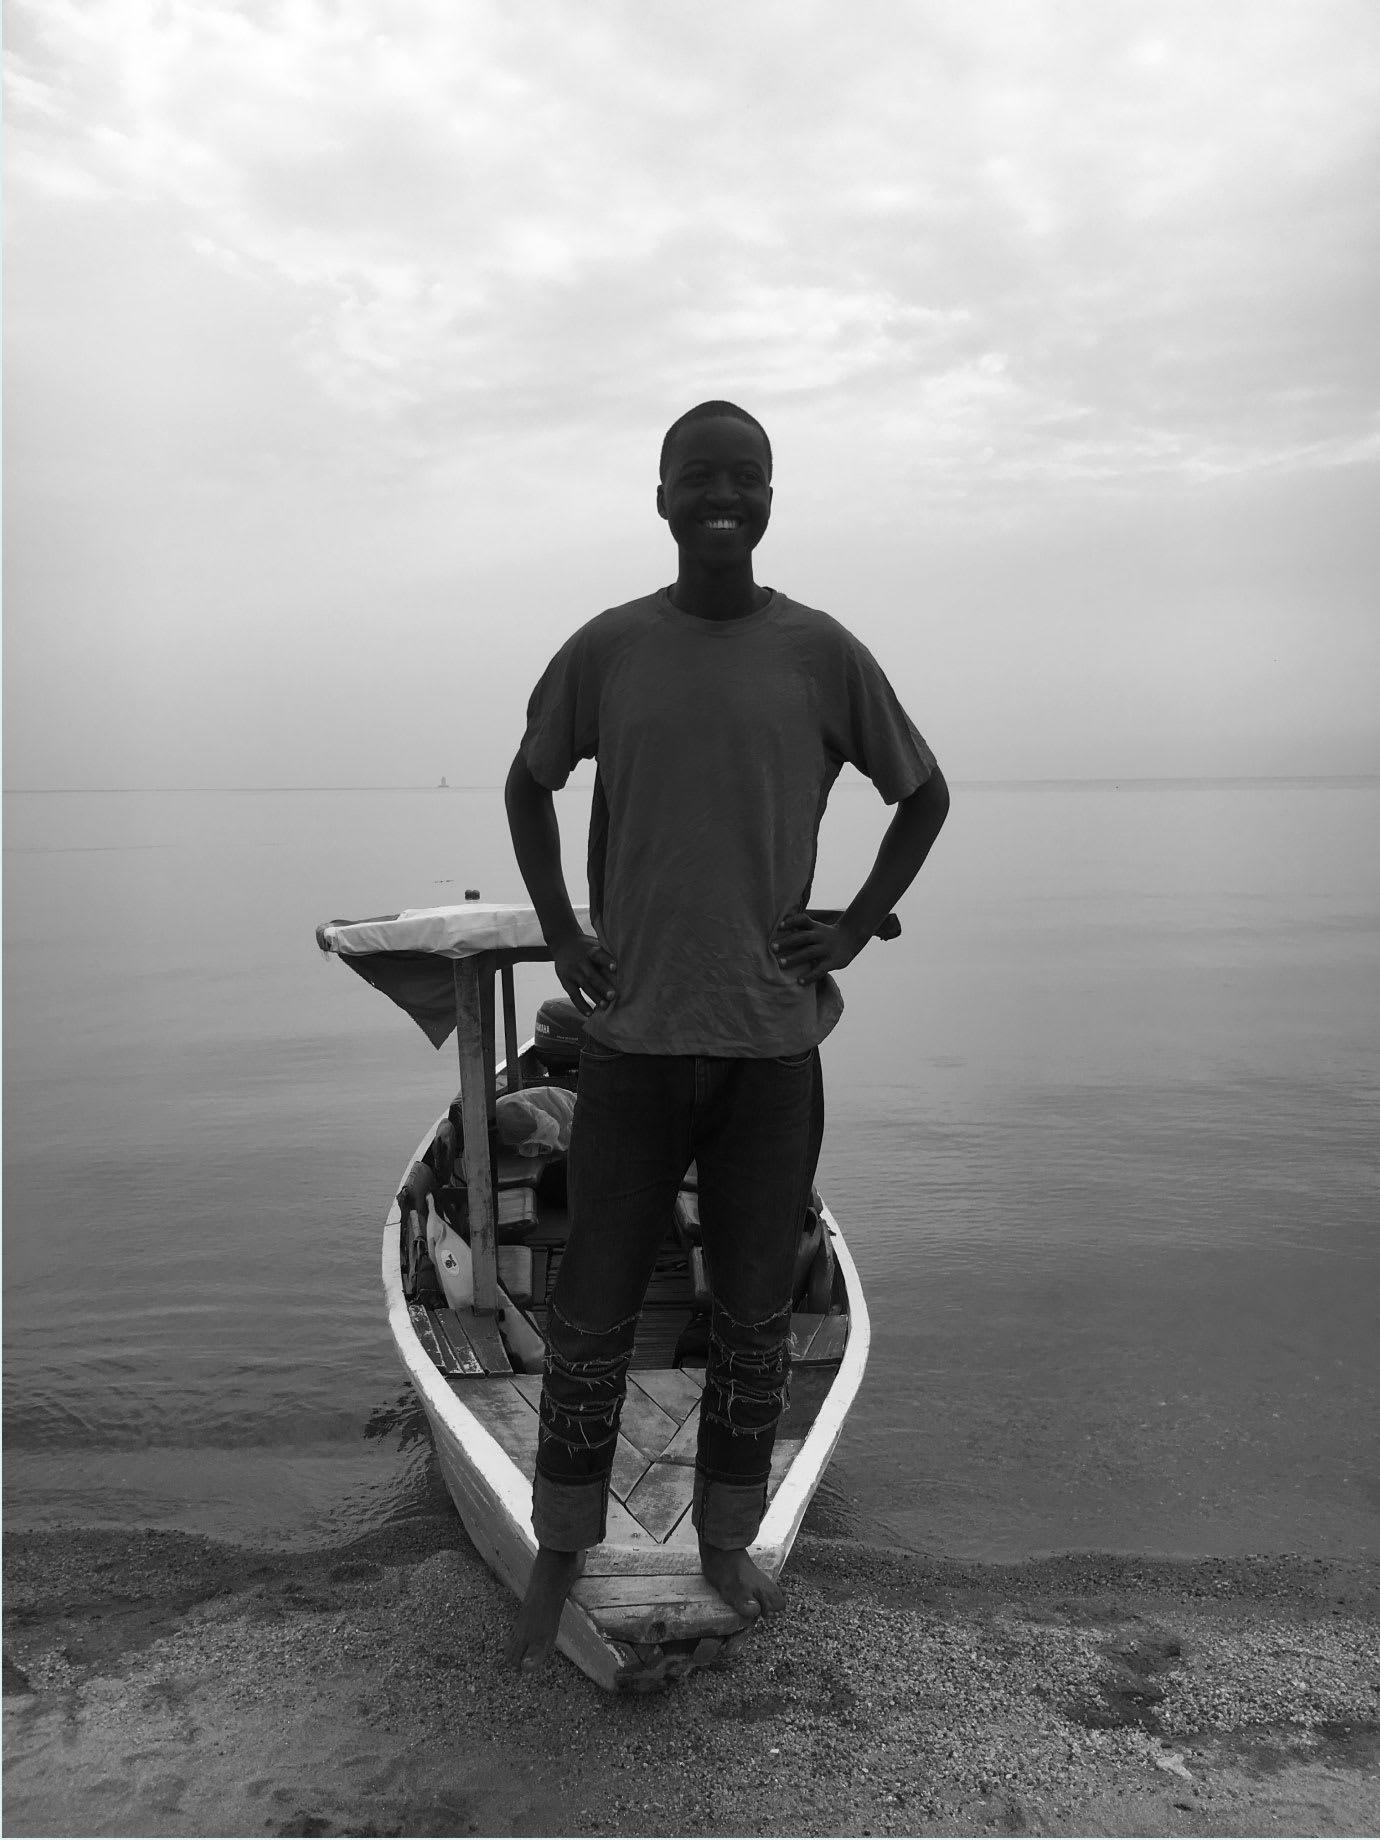 A man standing on a canoe on a beach.